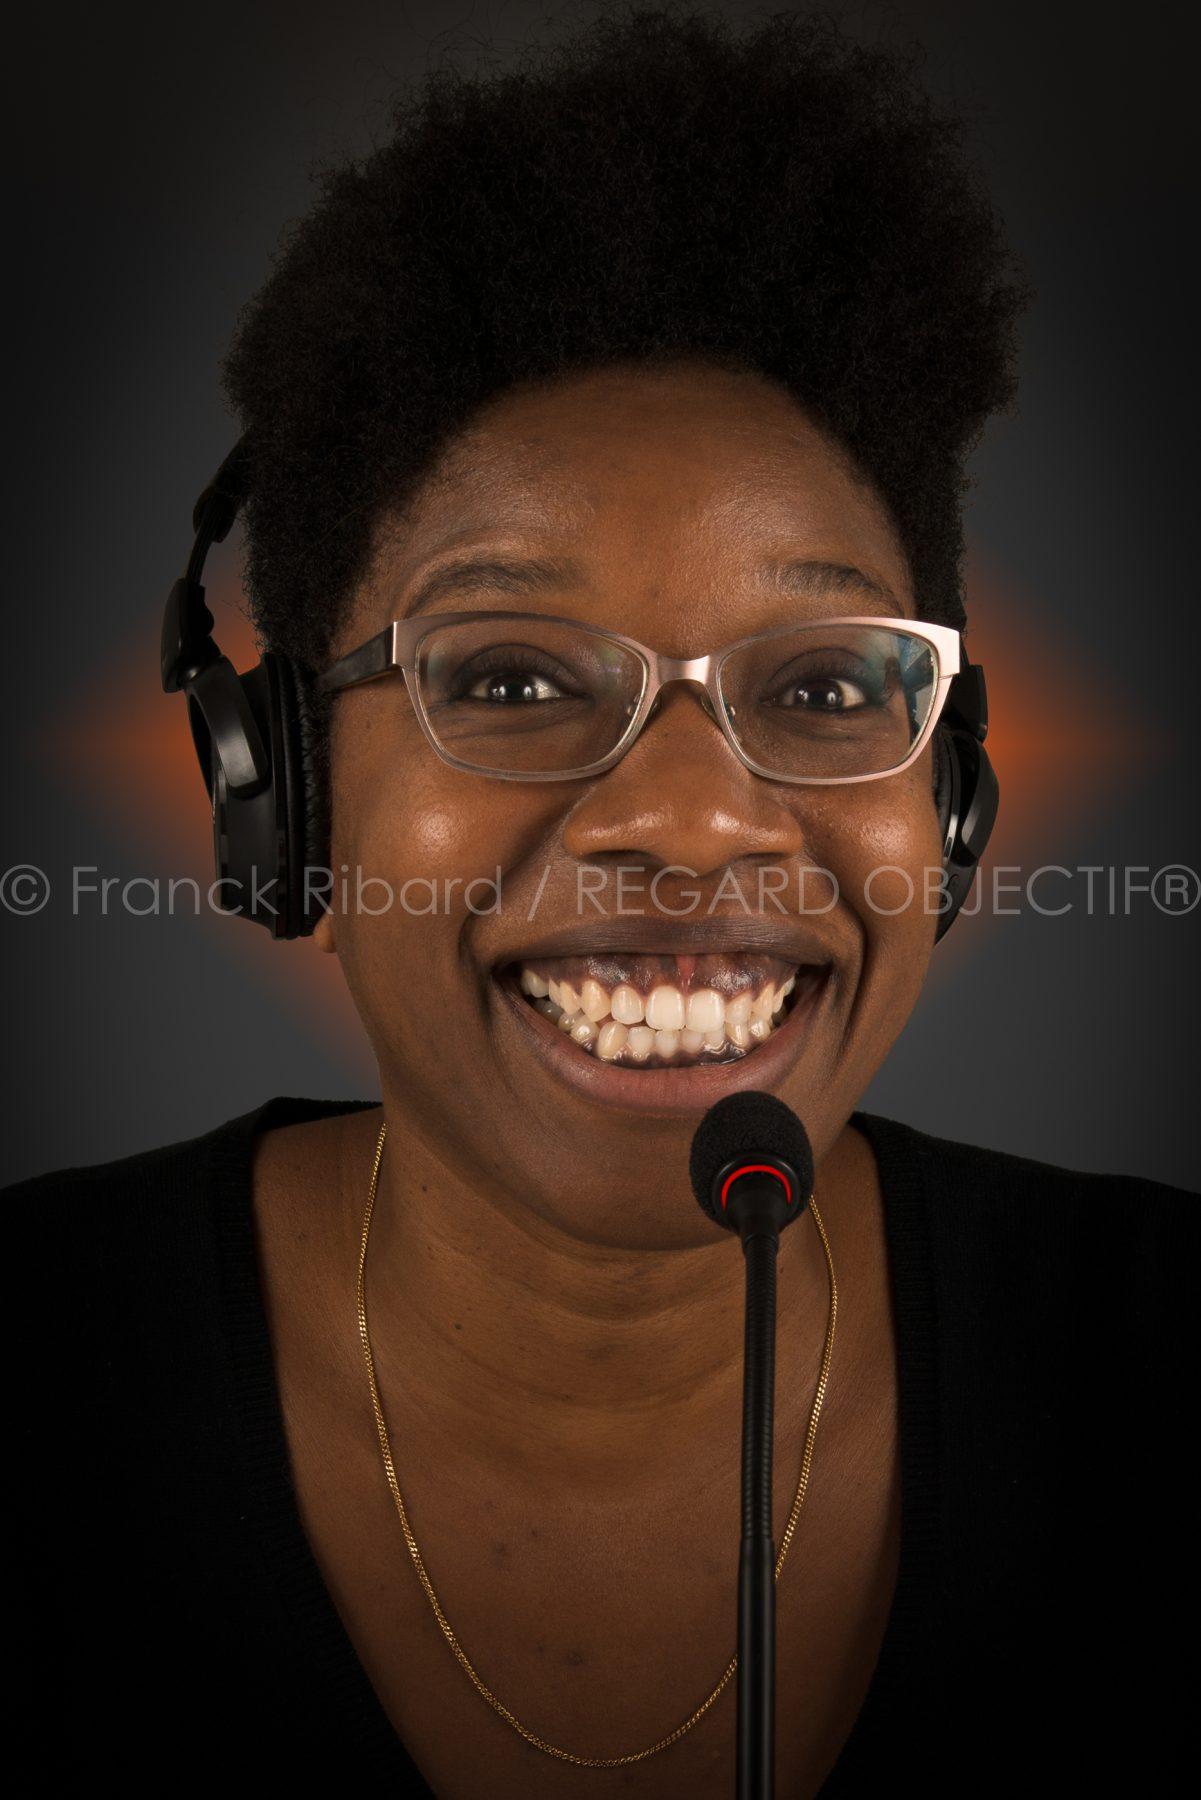 Photographie de Franck Ribard / REGARD OBJECTIF photographe professionnel de portraits corporate à lyon